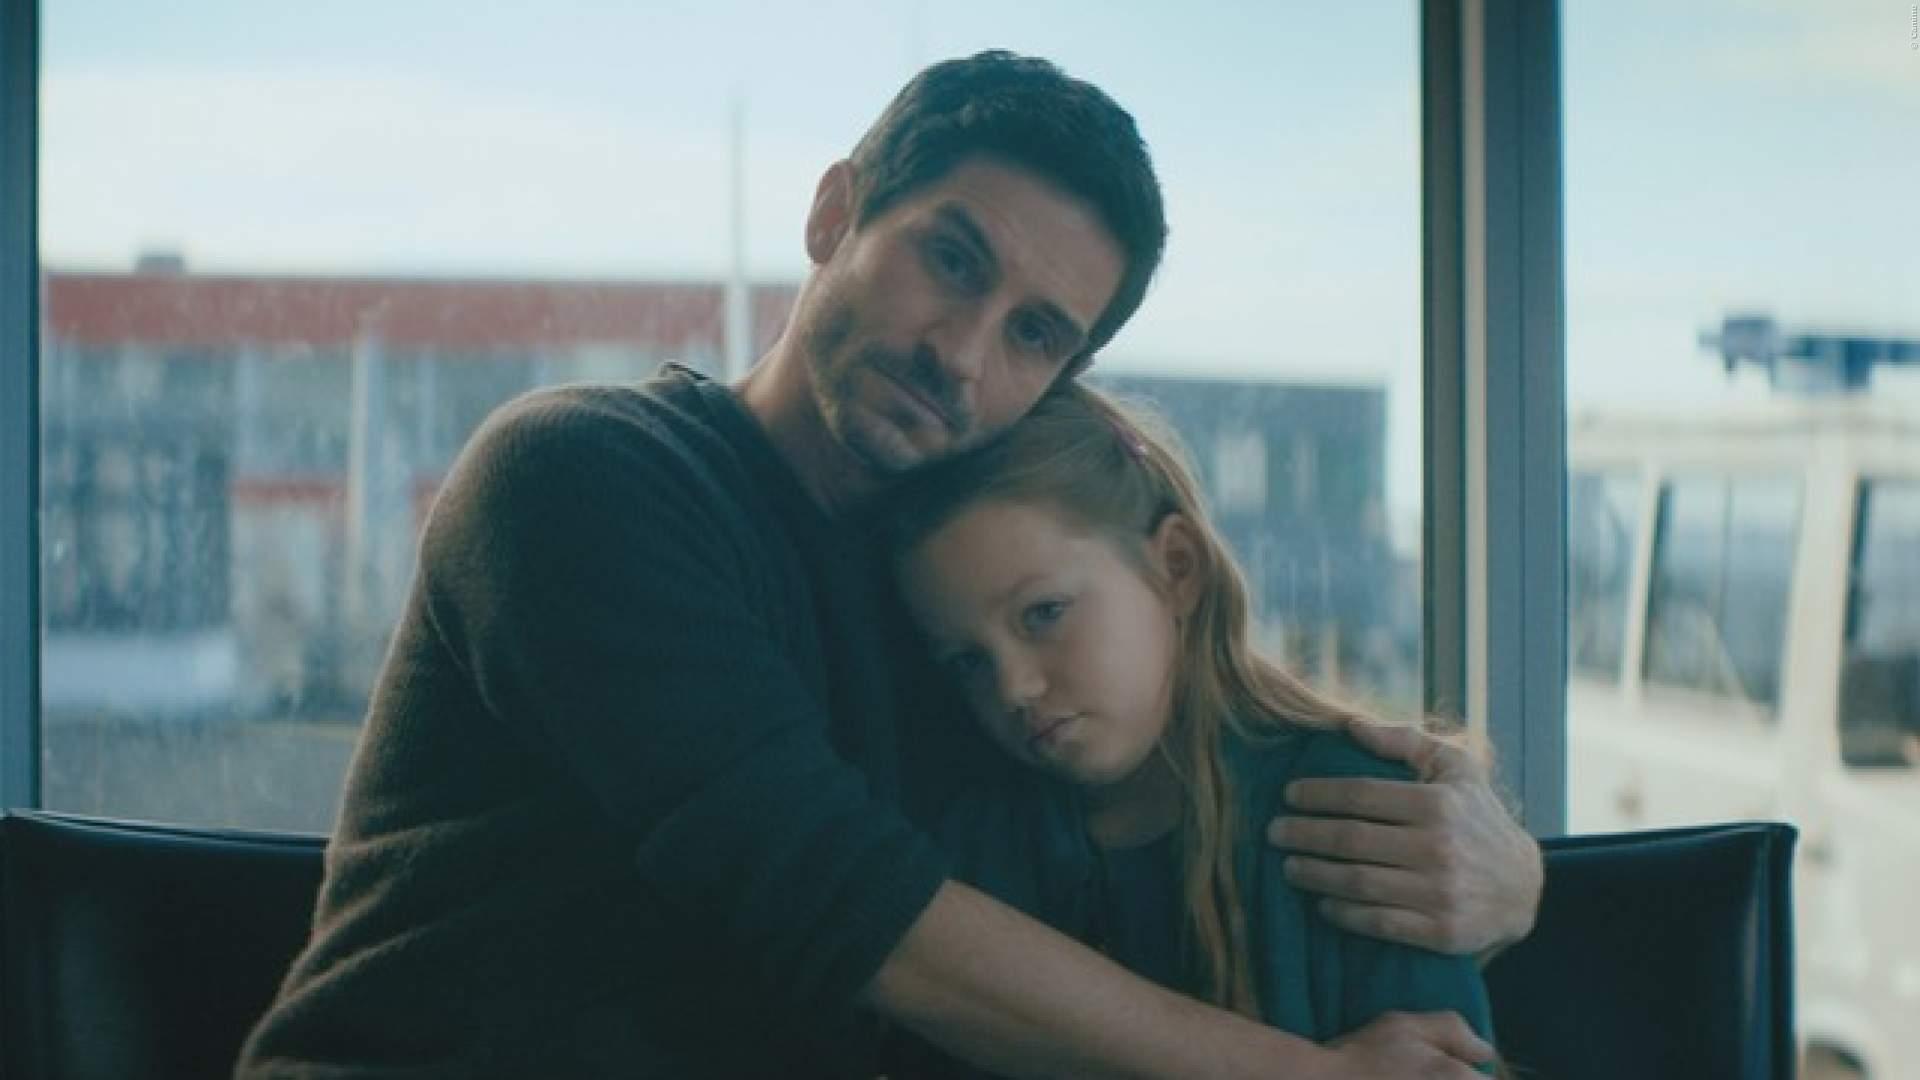 BEWEGEND: Seine Tochter braucht ein Spender-Herz, sonst wird sie sterben. Leider gibt es da ein Problem.